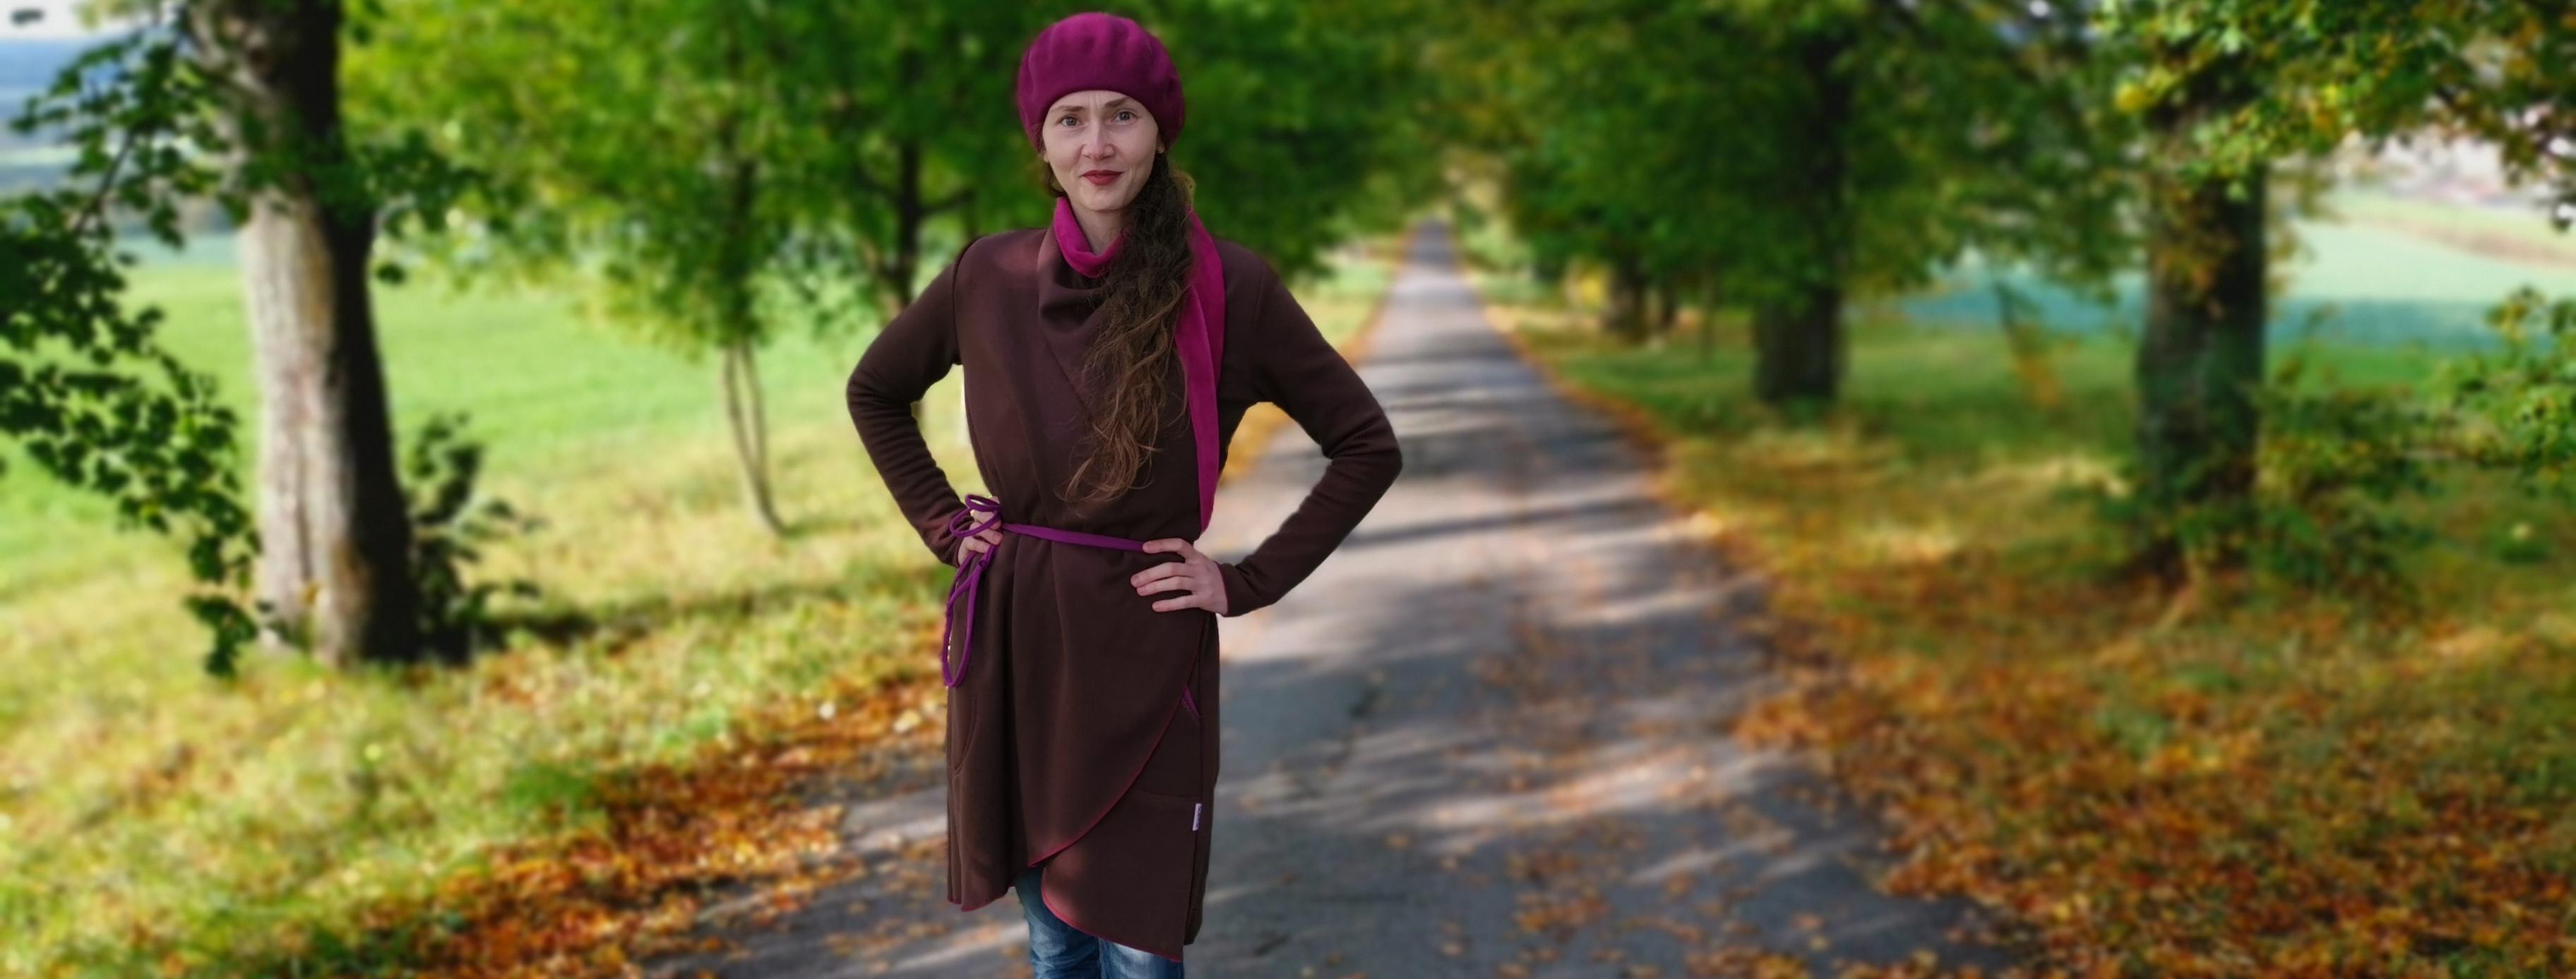 Podzim v novém kabátu